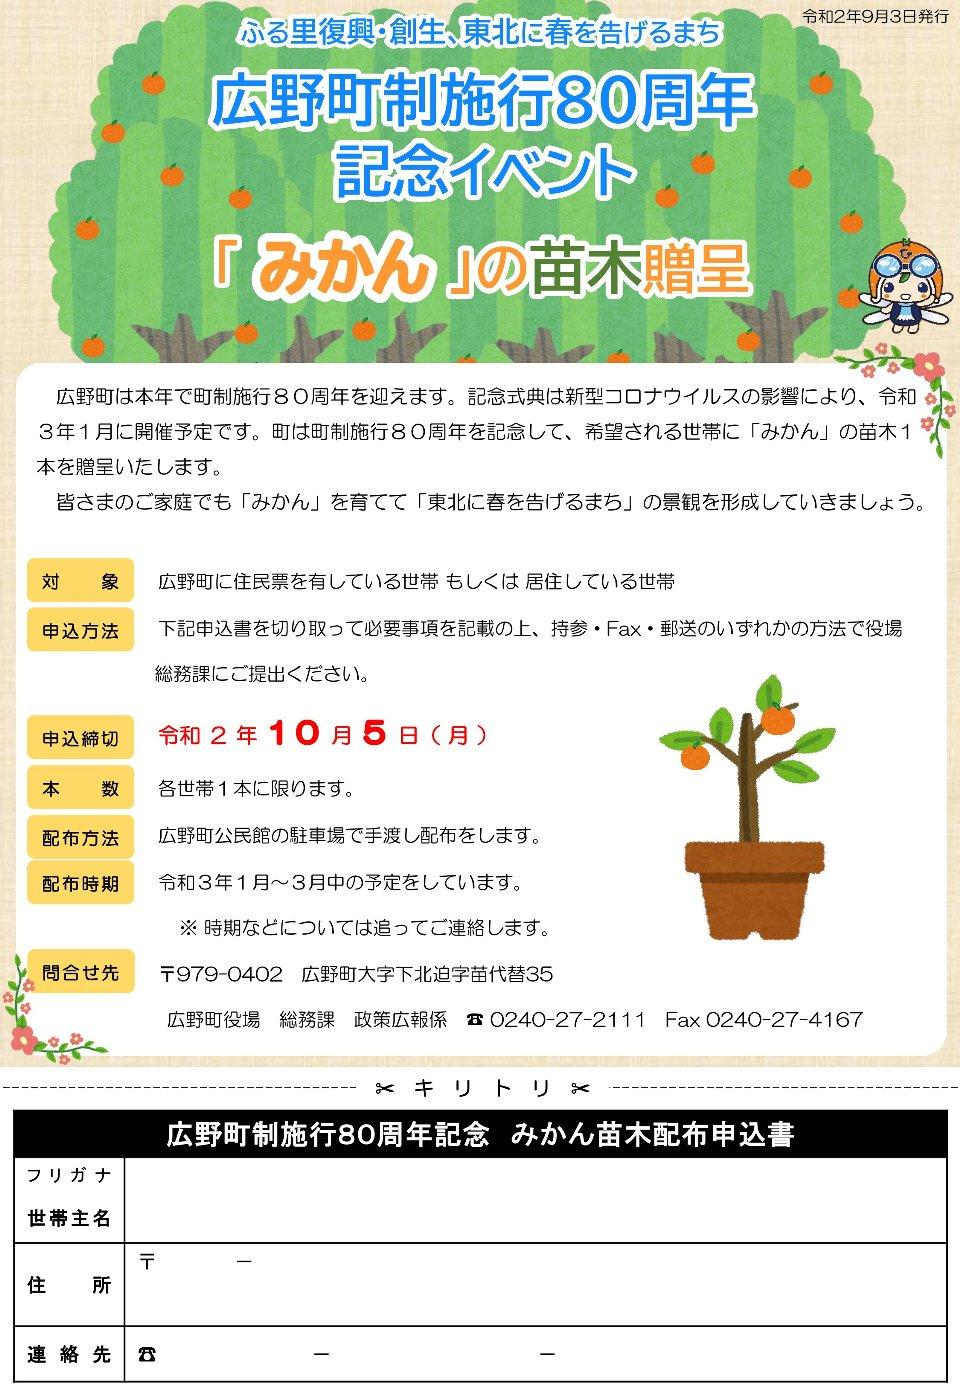 広野町-みかん苗木贈呈